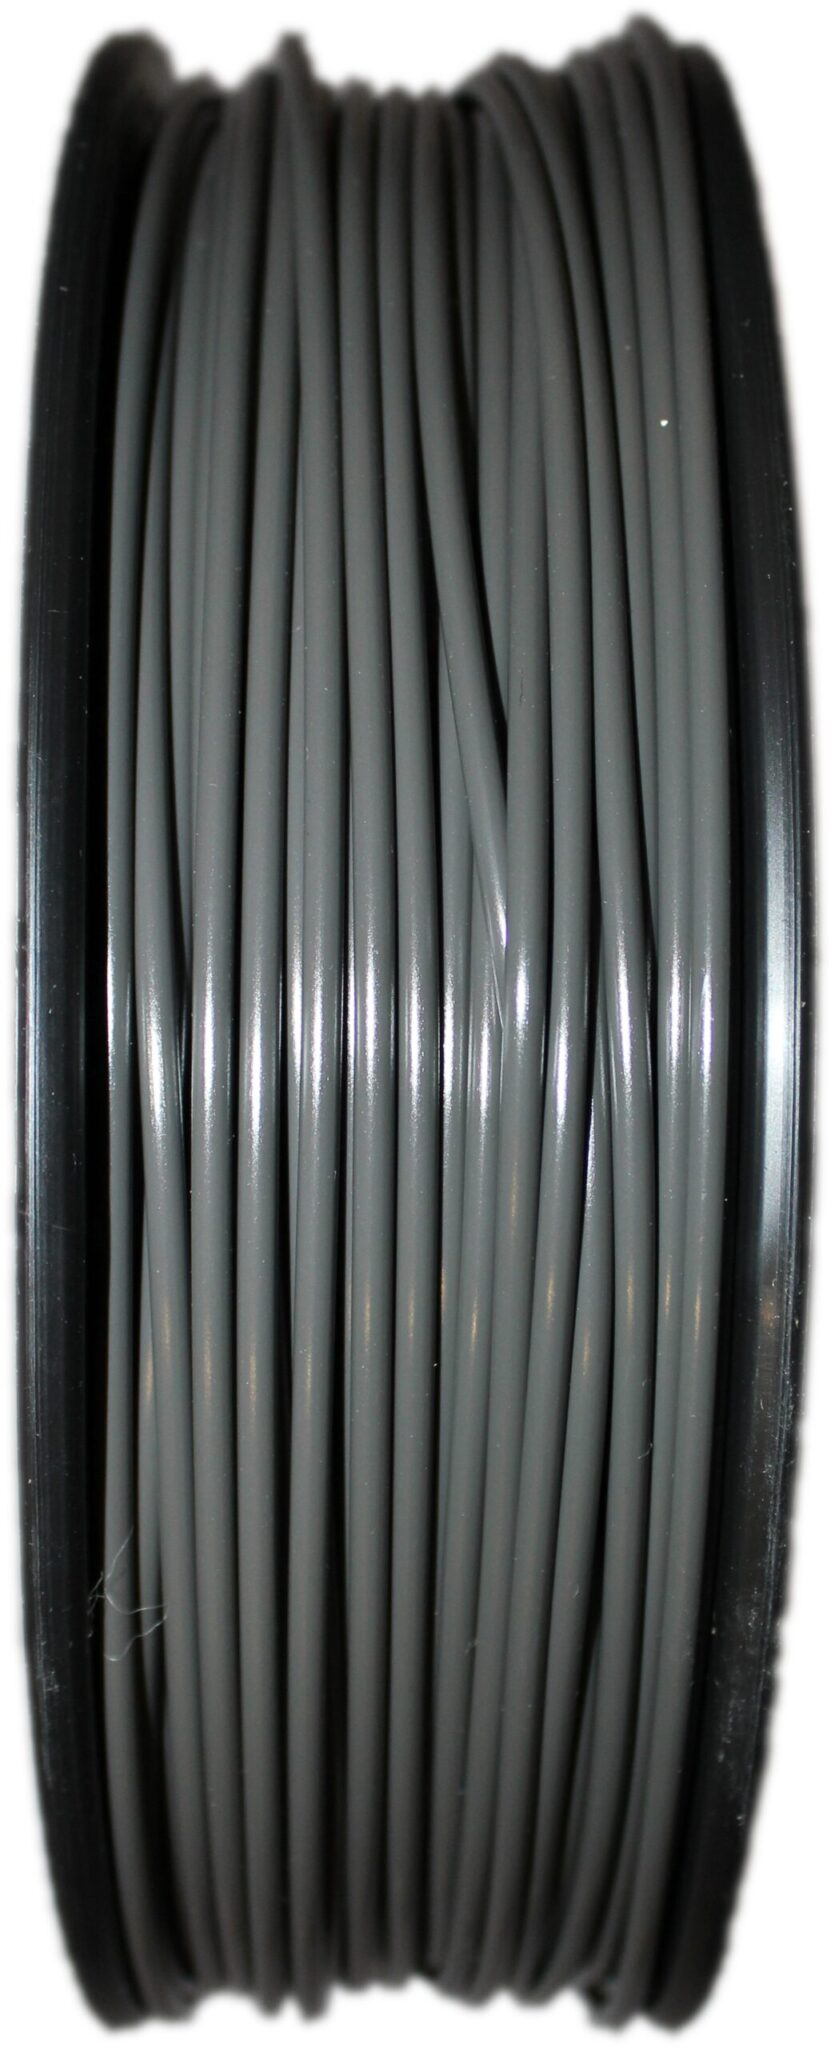 Aurarum PLA 3D Printer Filament - Charcoal 2.85mm 1Kg